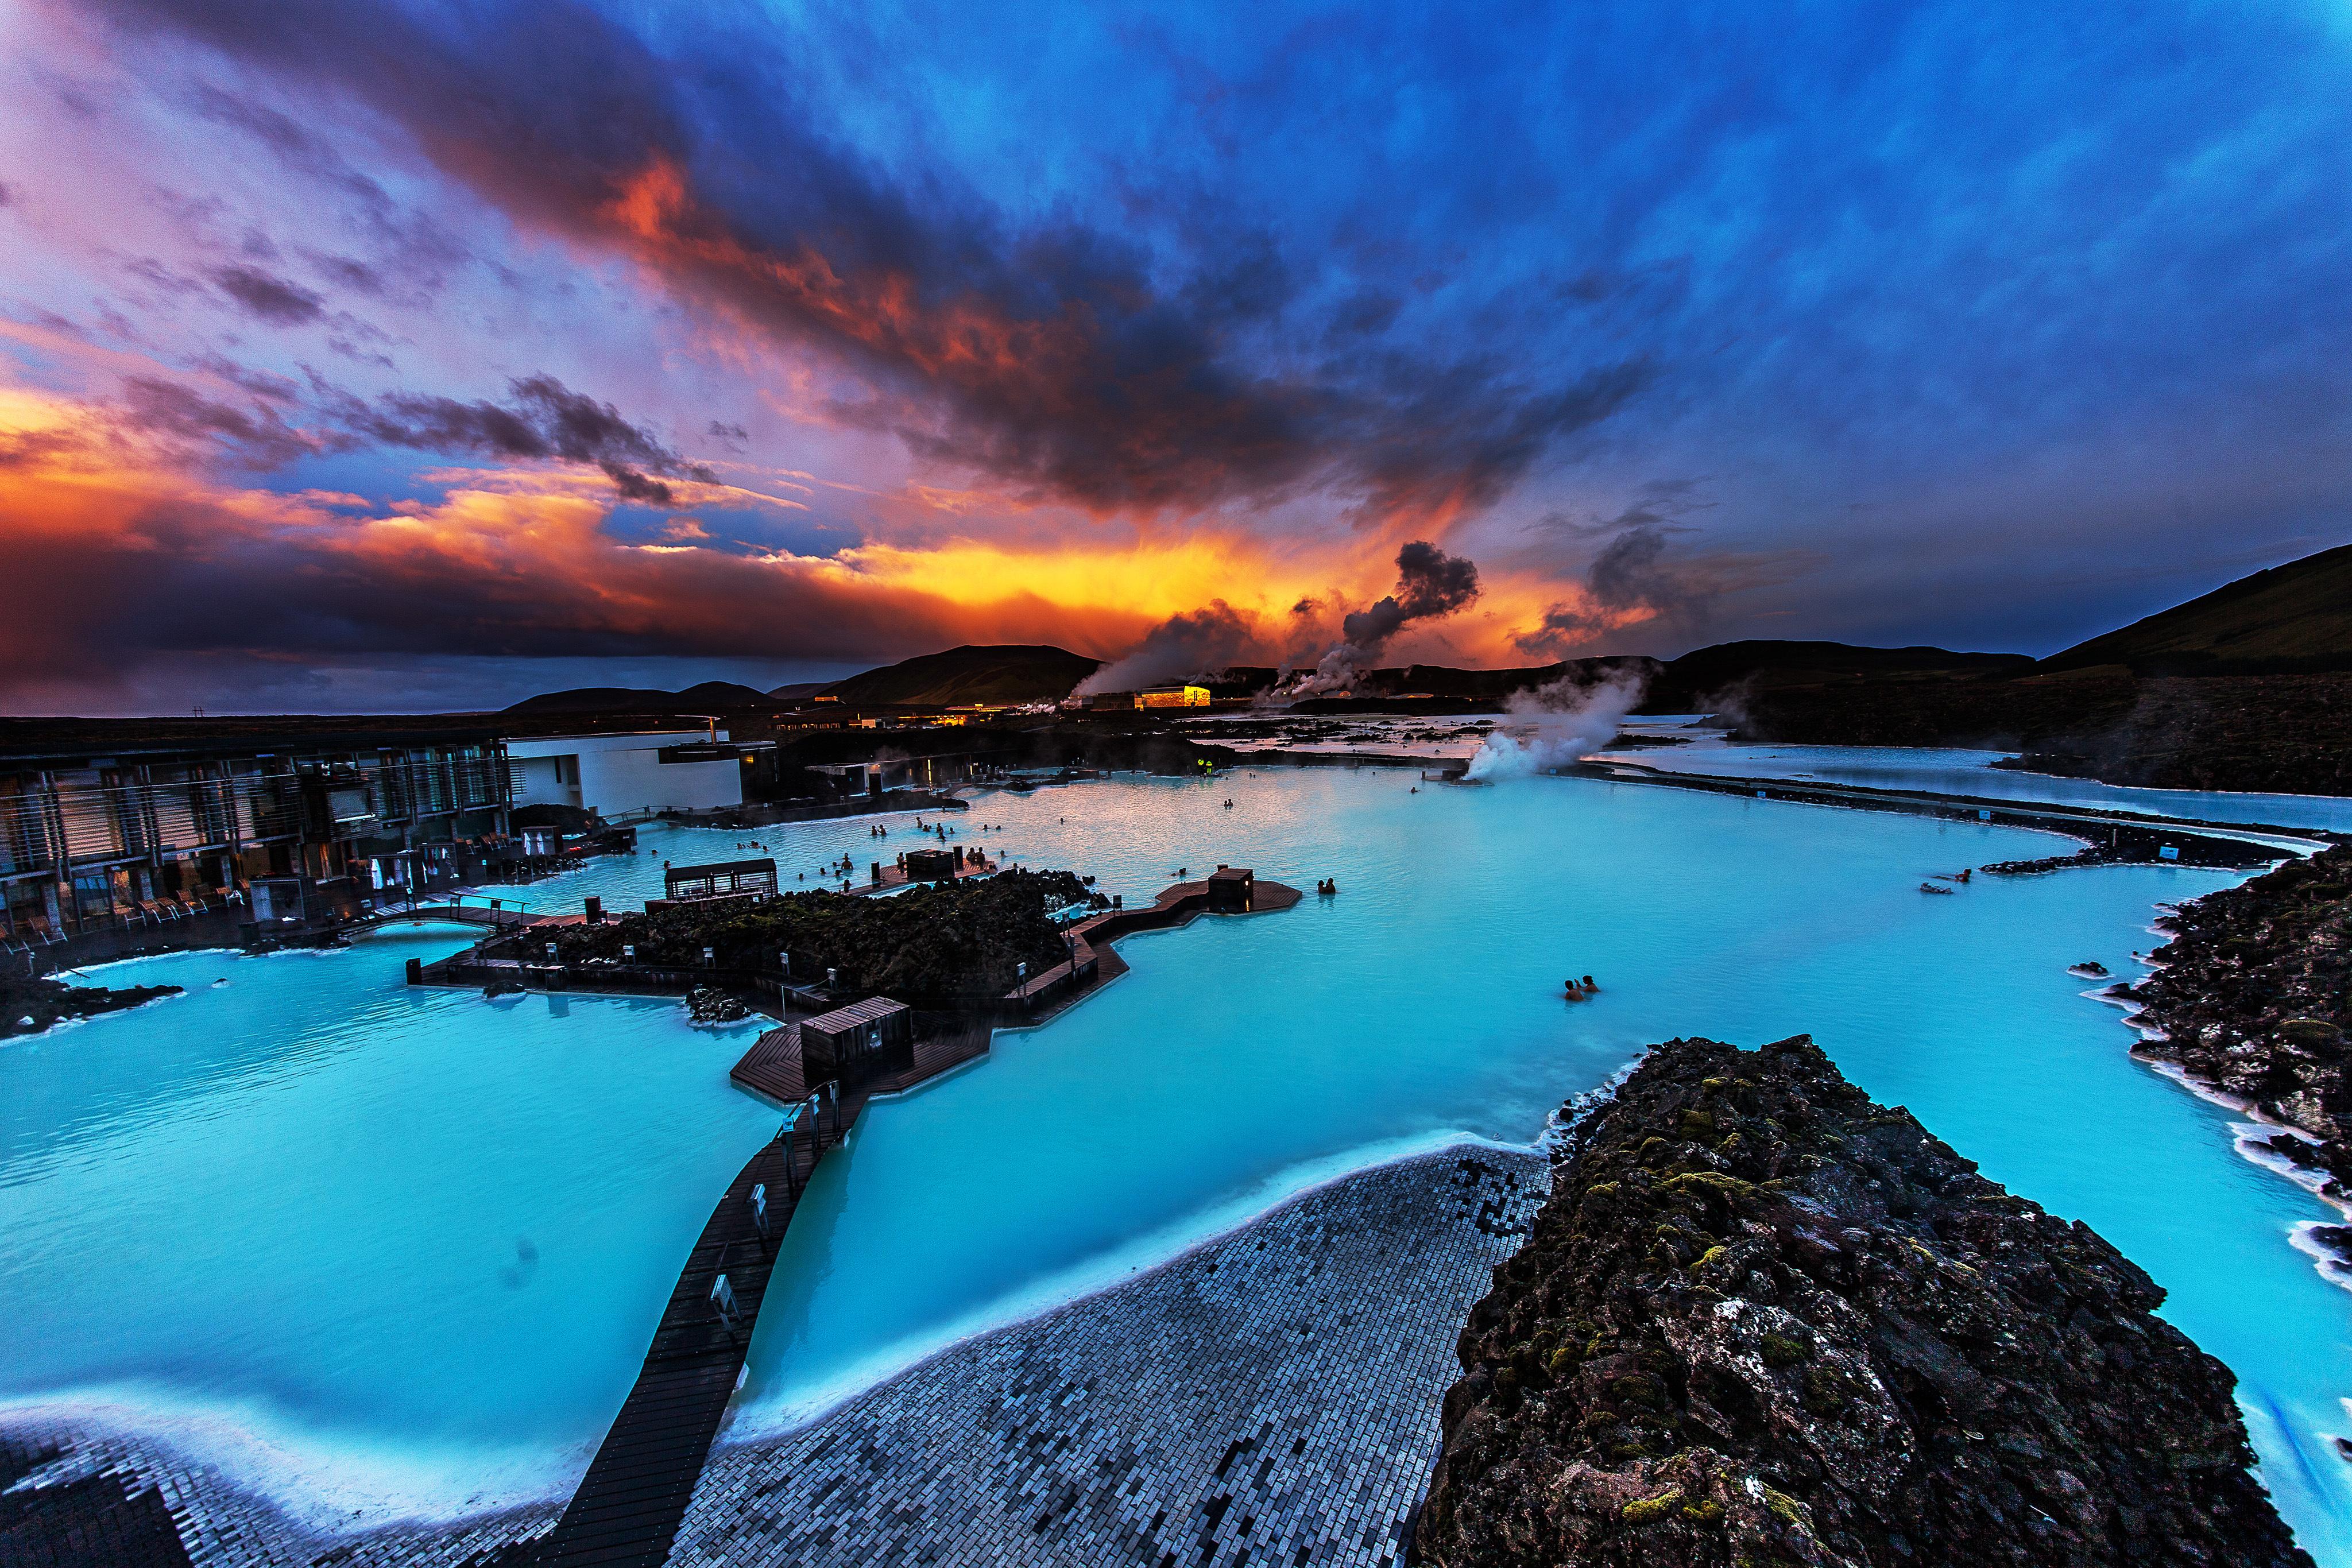 El Círculo Dorado y la Laguna Azul   Un día en los destinos más famosos   Grupo reducido